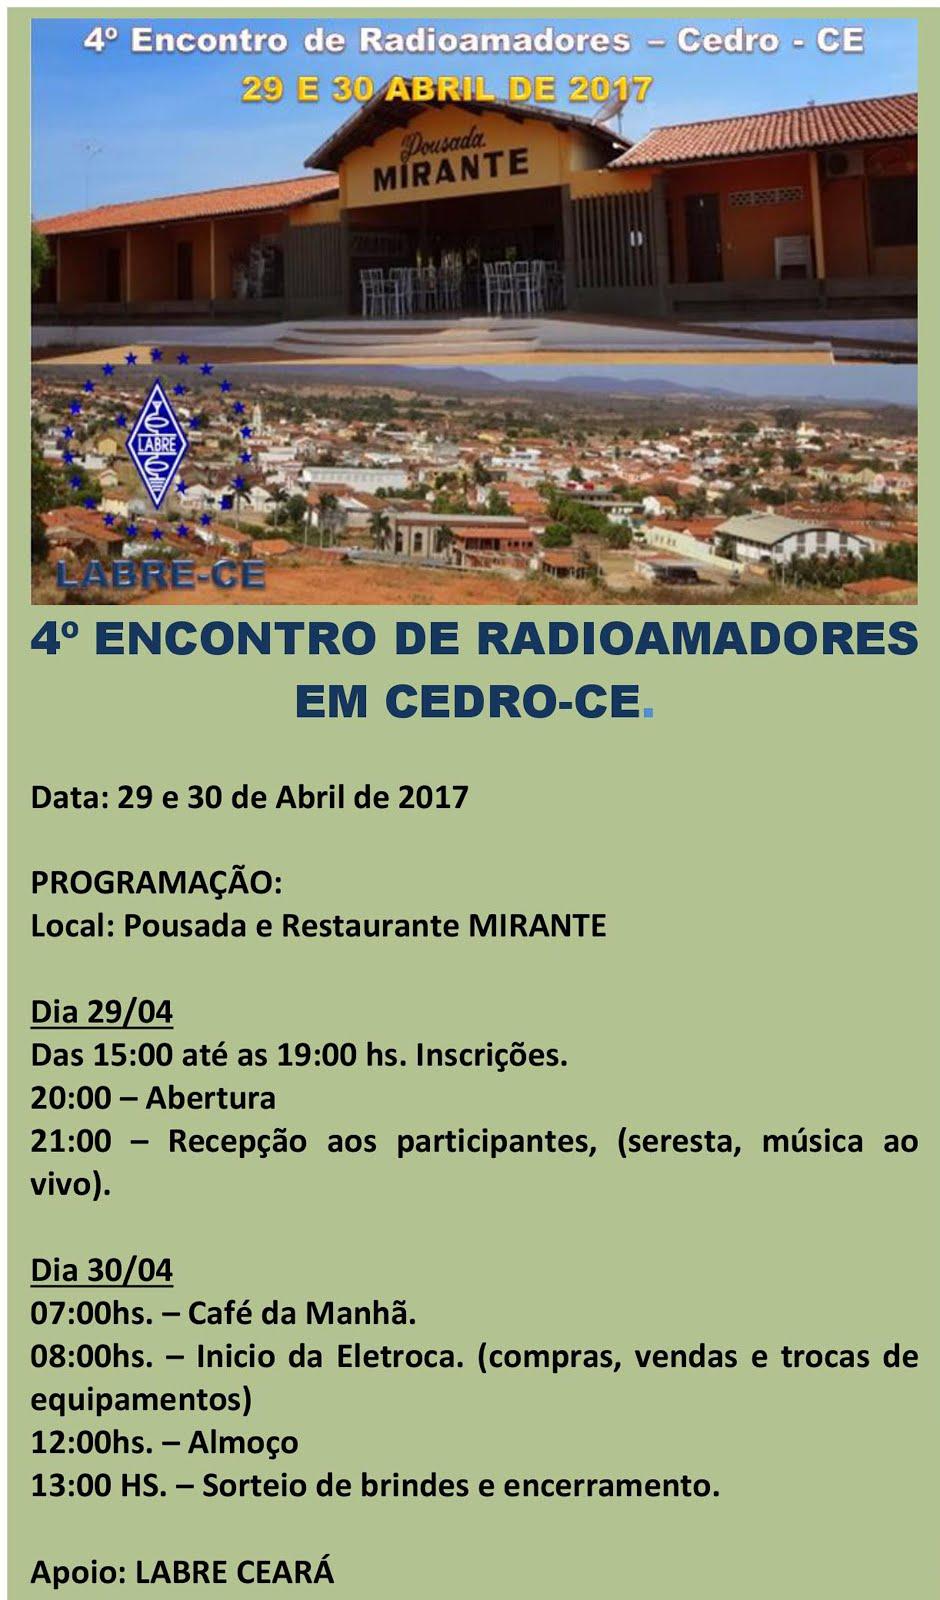 4º ENCONTRO DE RADIOAMADORES EM CEDRO - CE